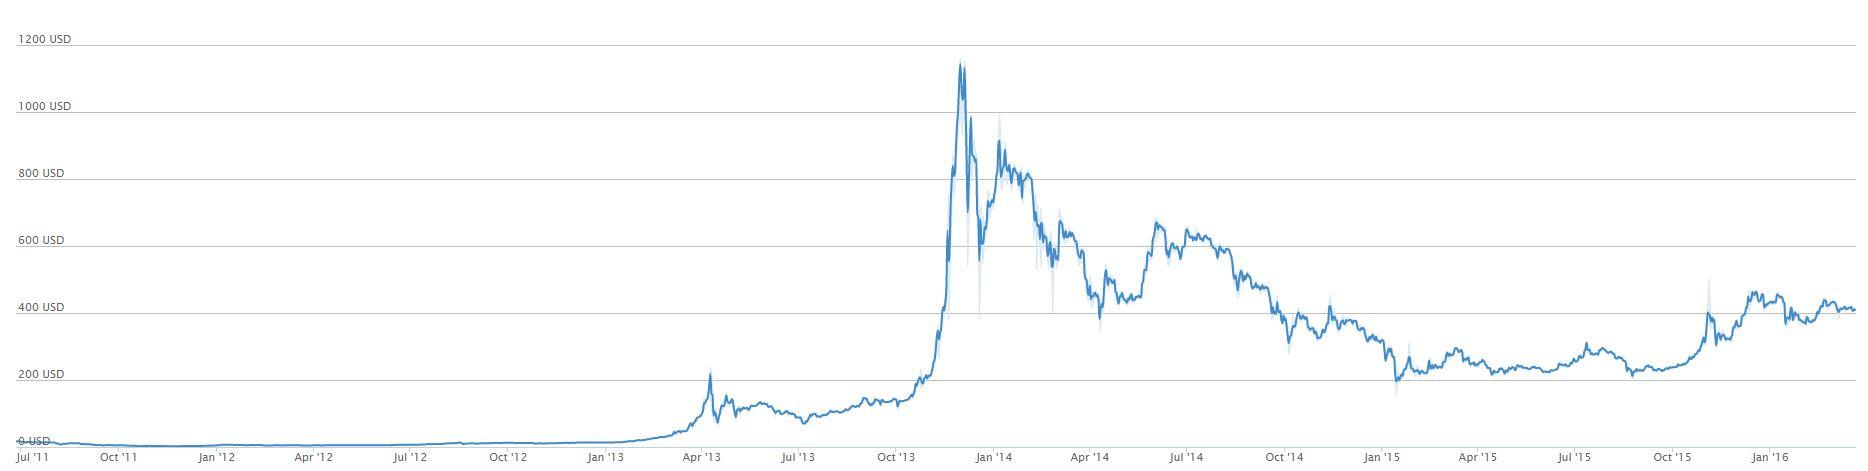 Bitcoin Value USD